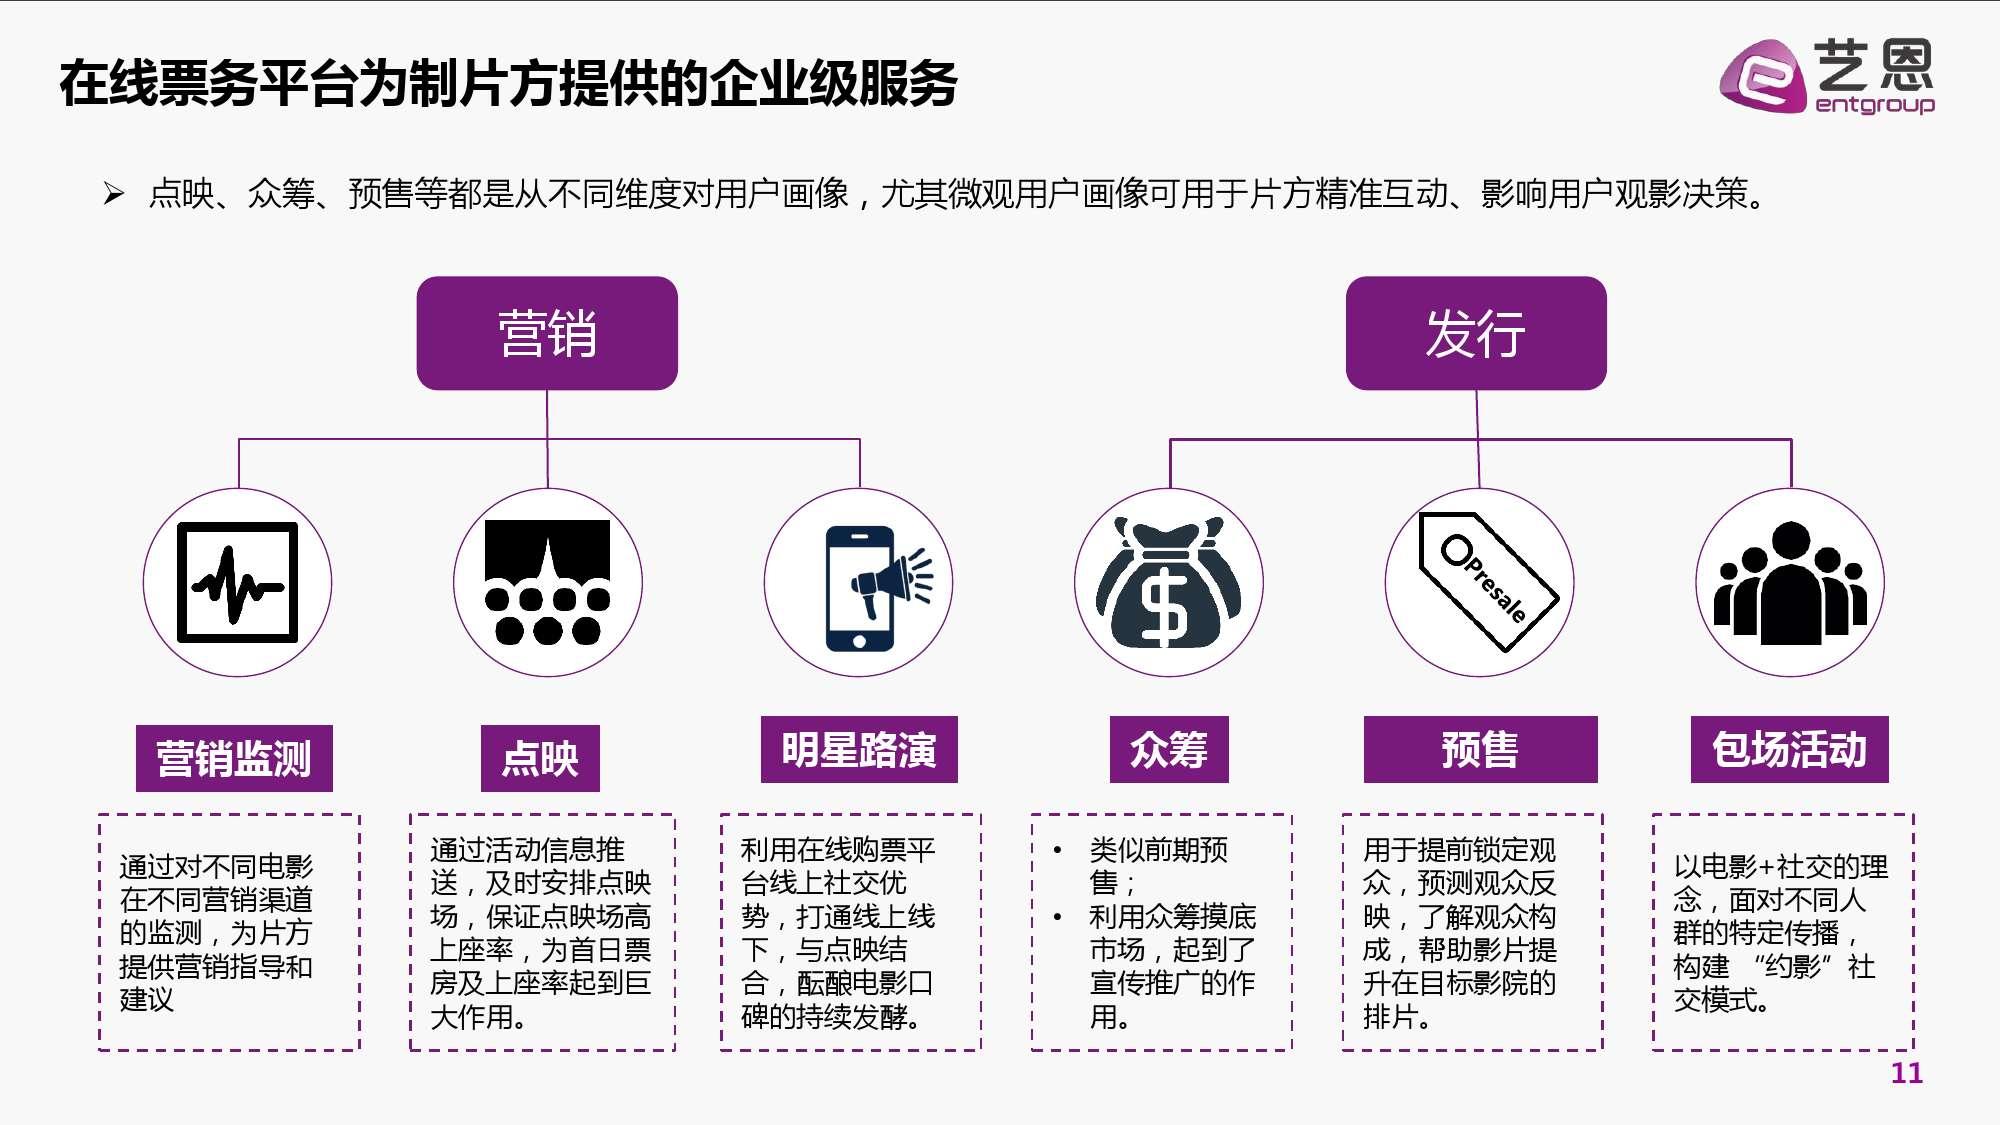 2016年中国电影在线票务市场研究报告_000011